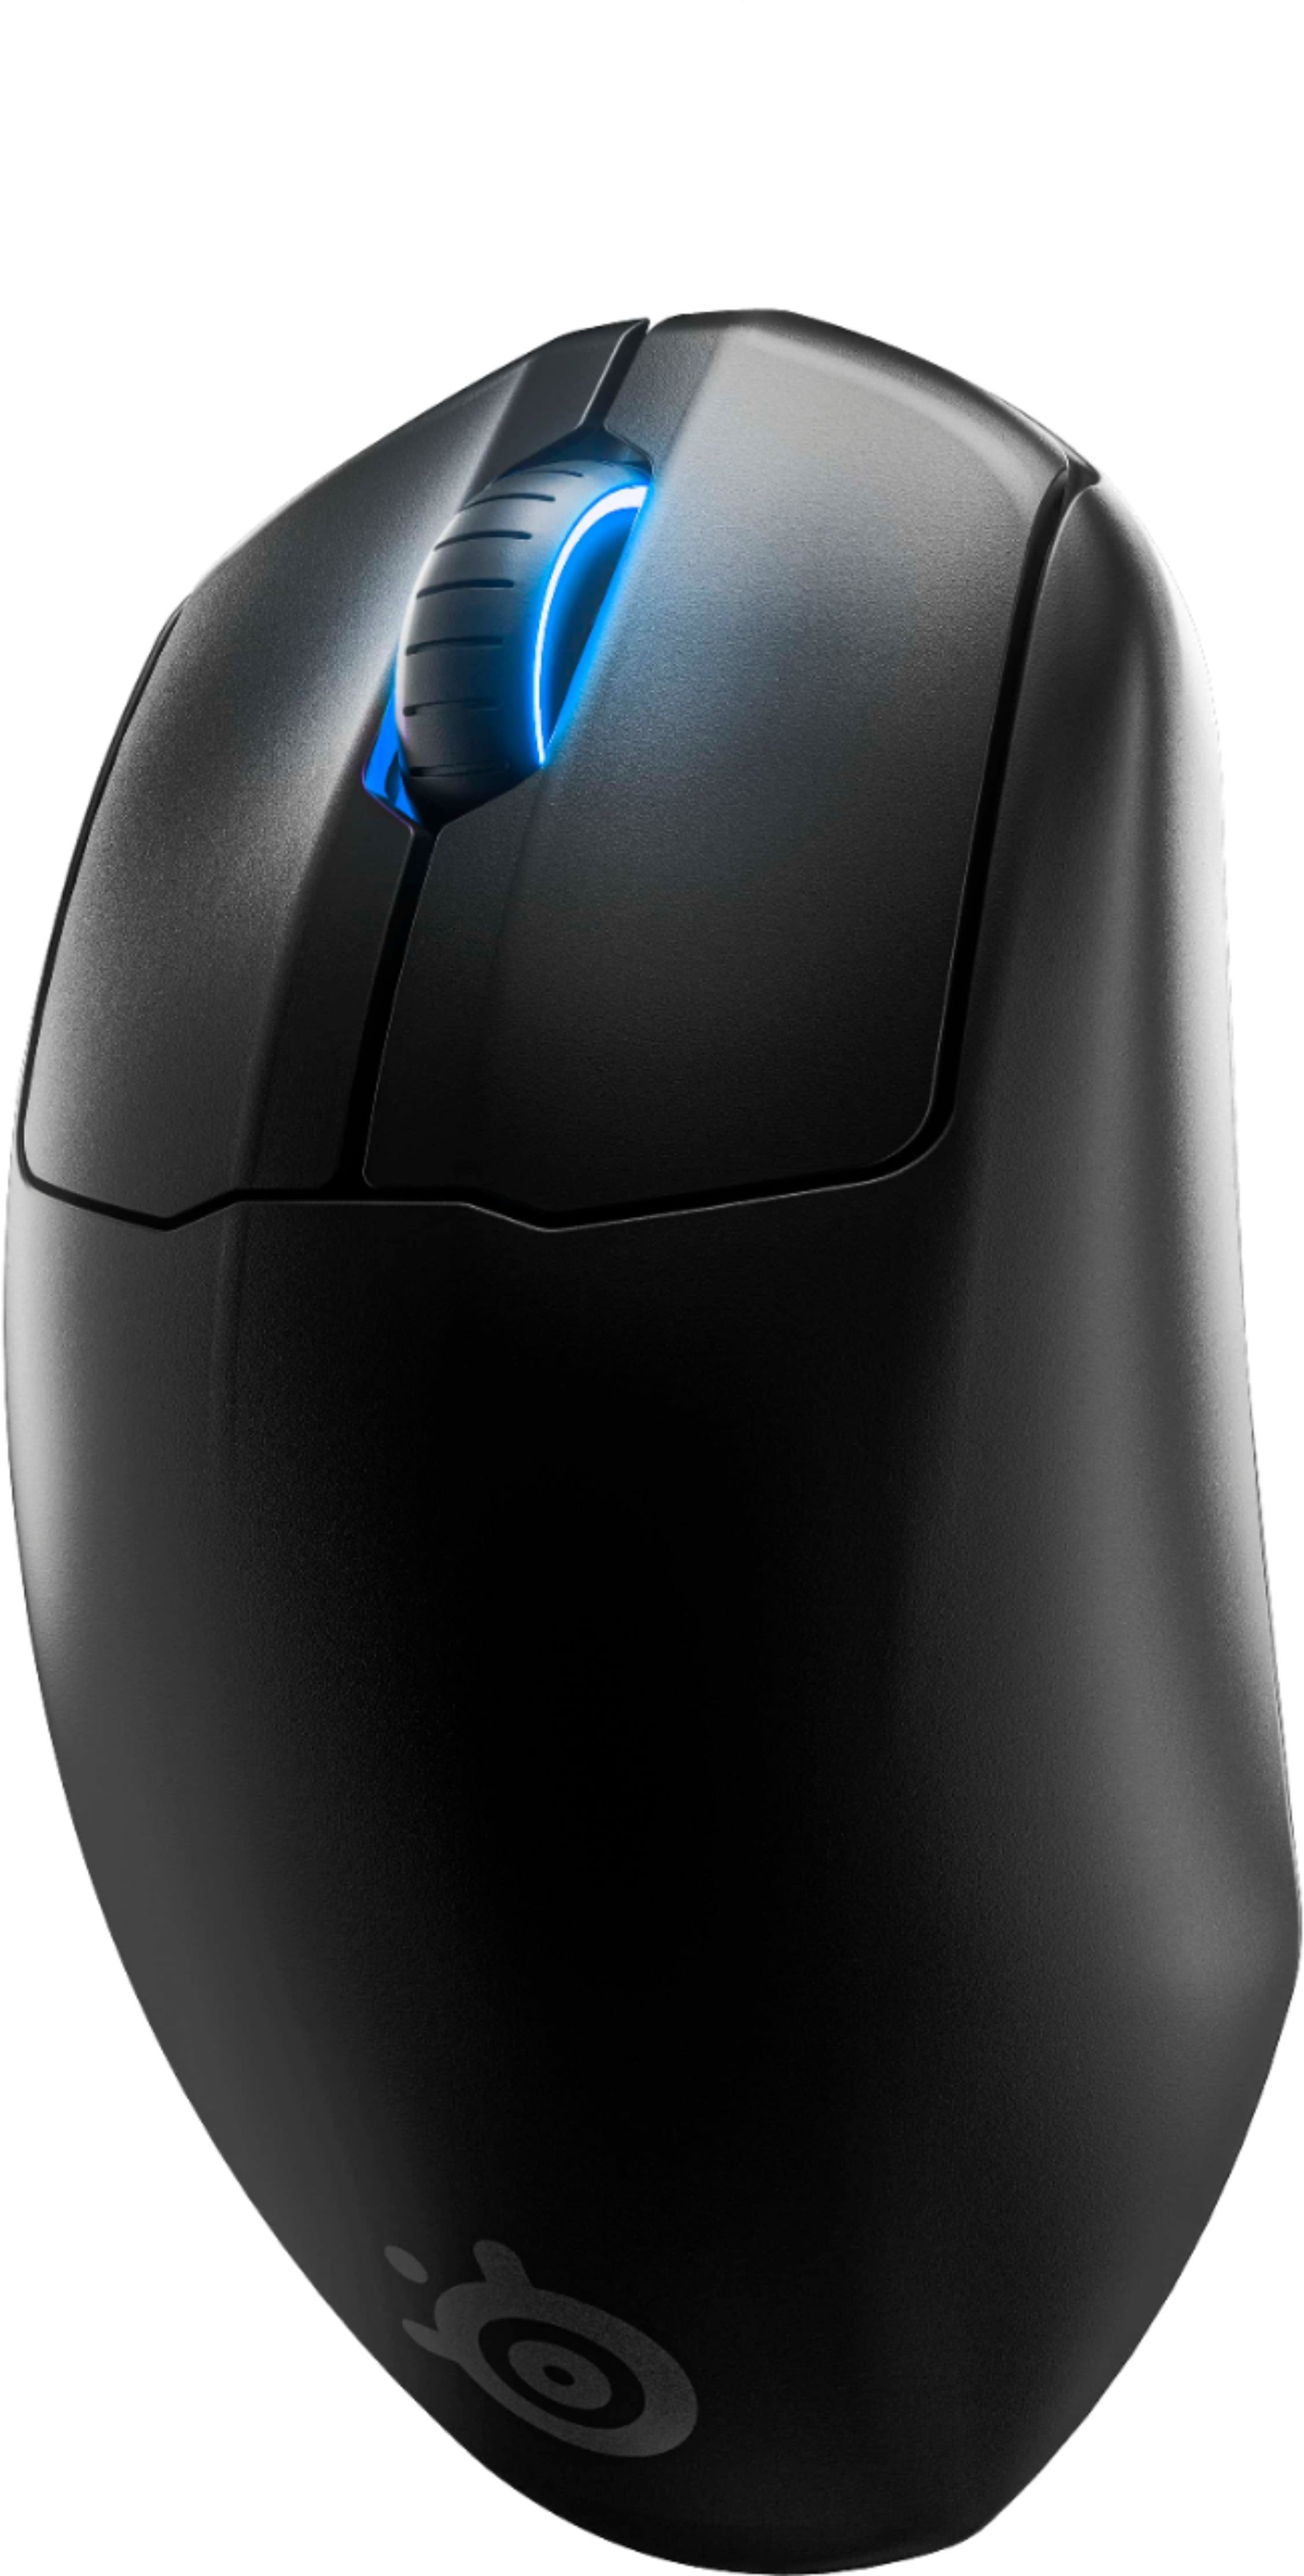 SteelSeries Prime Wireless melna ar vadu optiskā magnētiskā pele | 18000 CPI